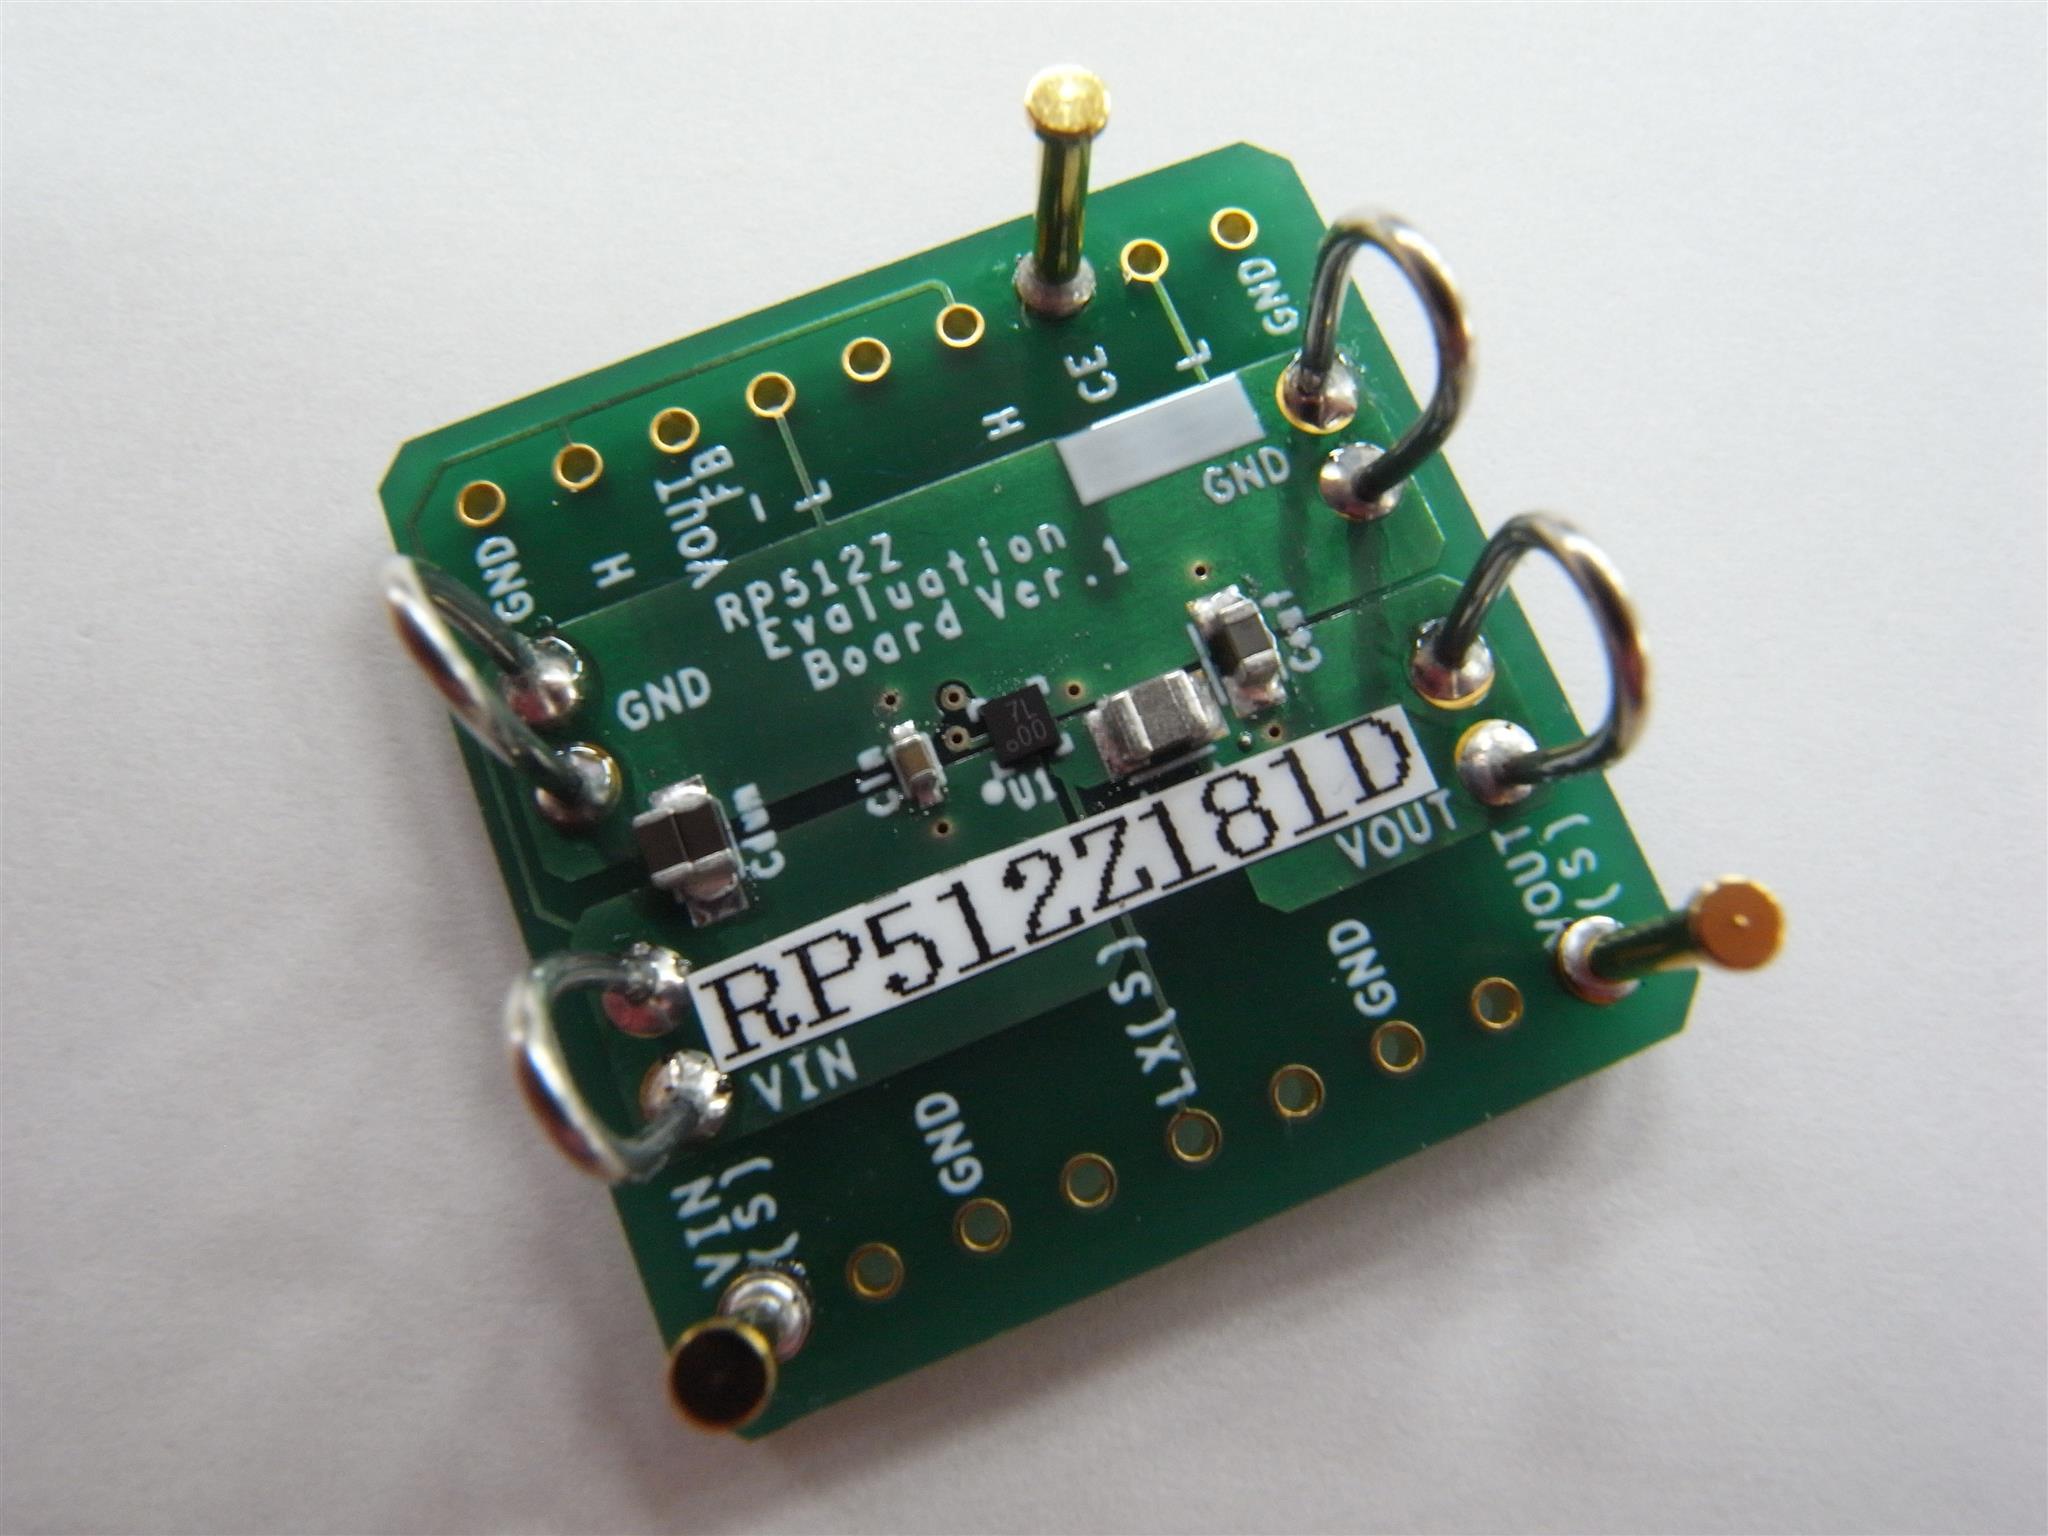 RP512Zxxxx-BOARD